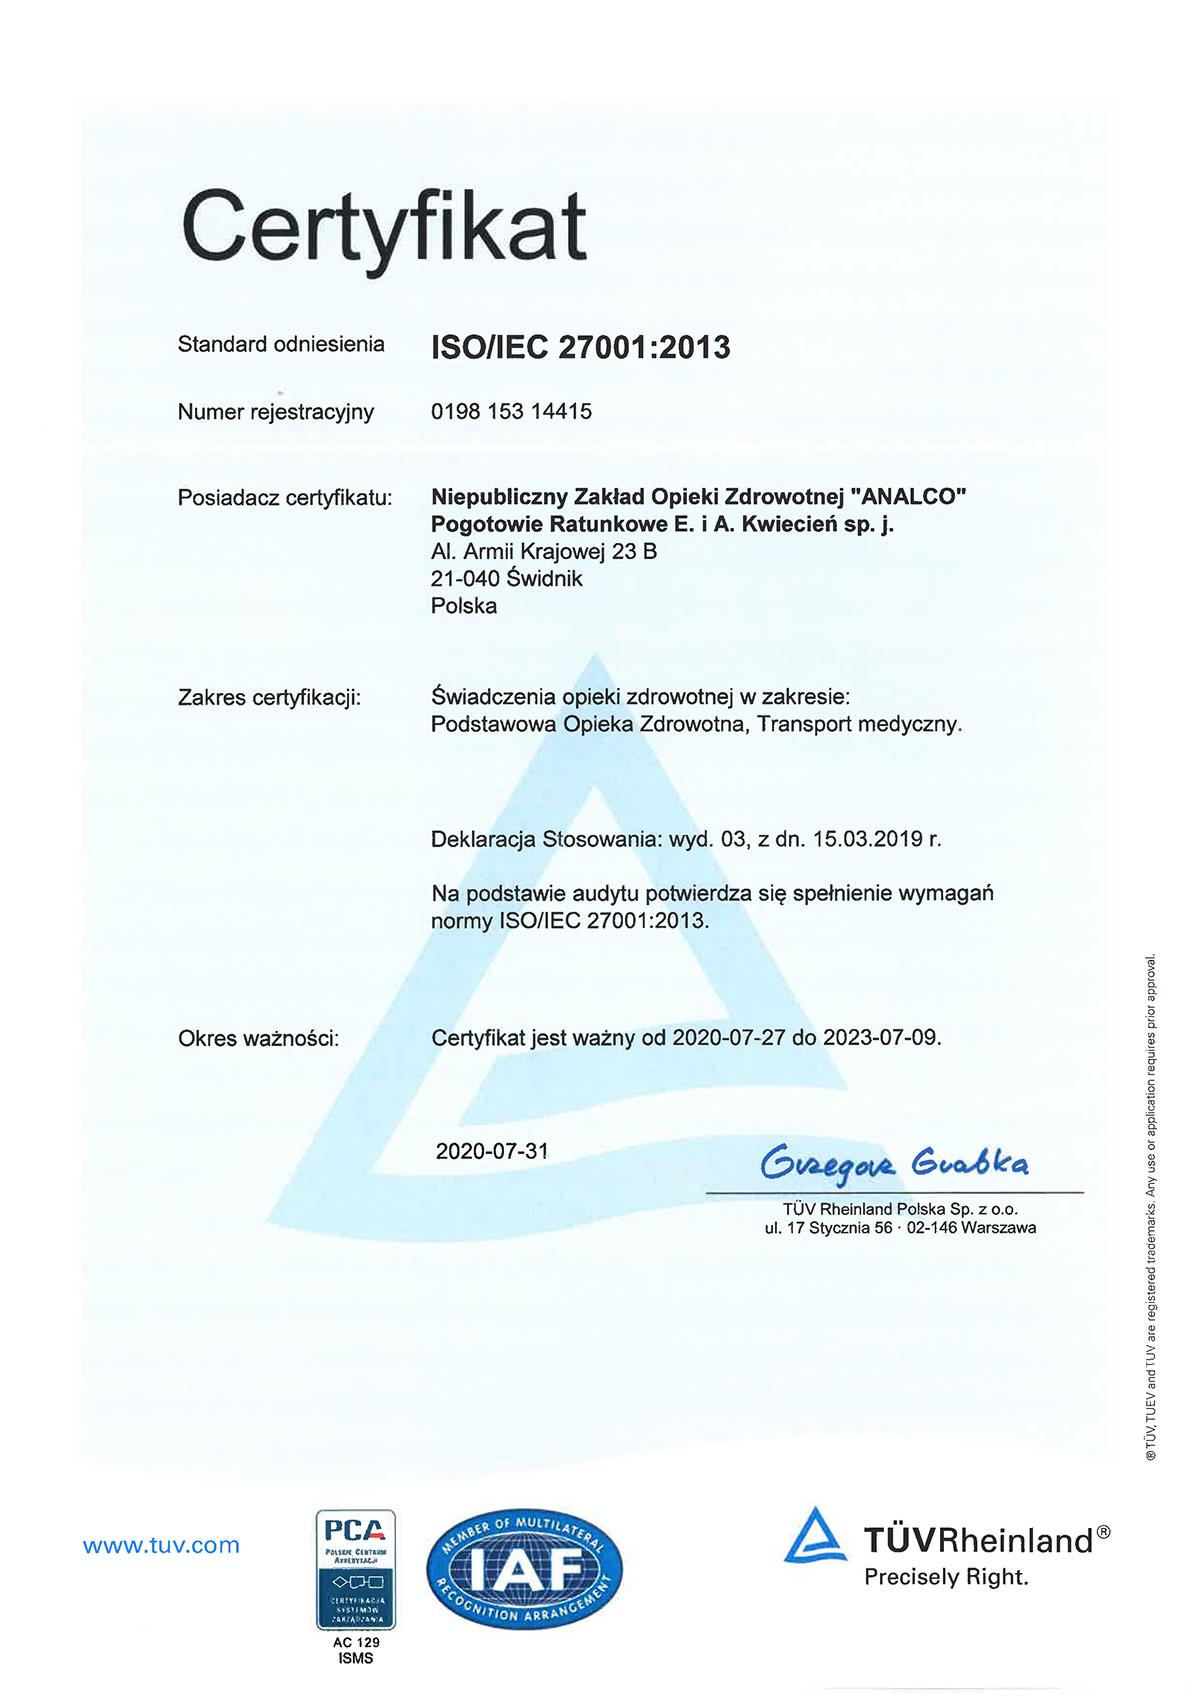 NZOZ Analco uzyskało certyfikaty TUV Rheinland